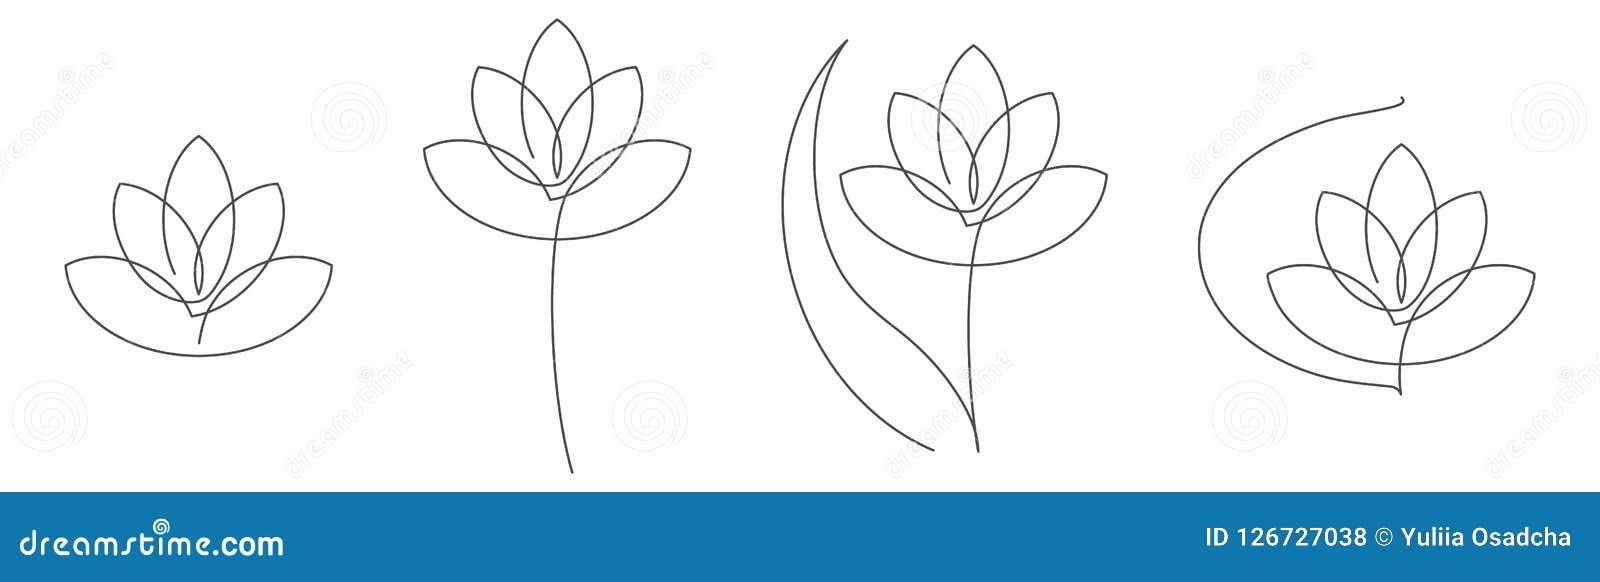 La ligne continue illustration de lotus de fleur de vecteur a placé avec la course editable pour la conception florale ou le logo